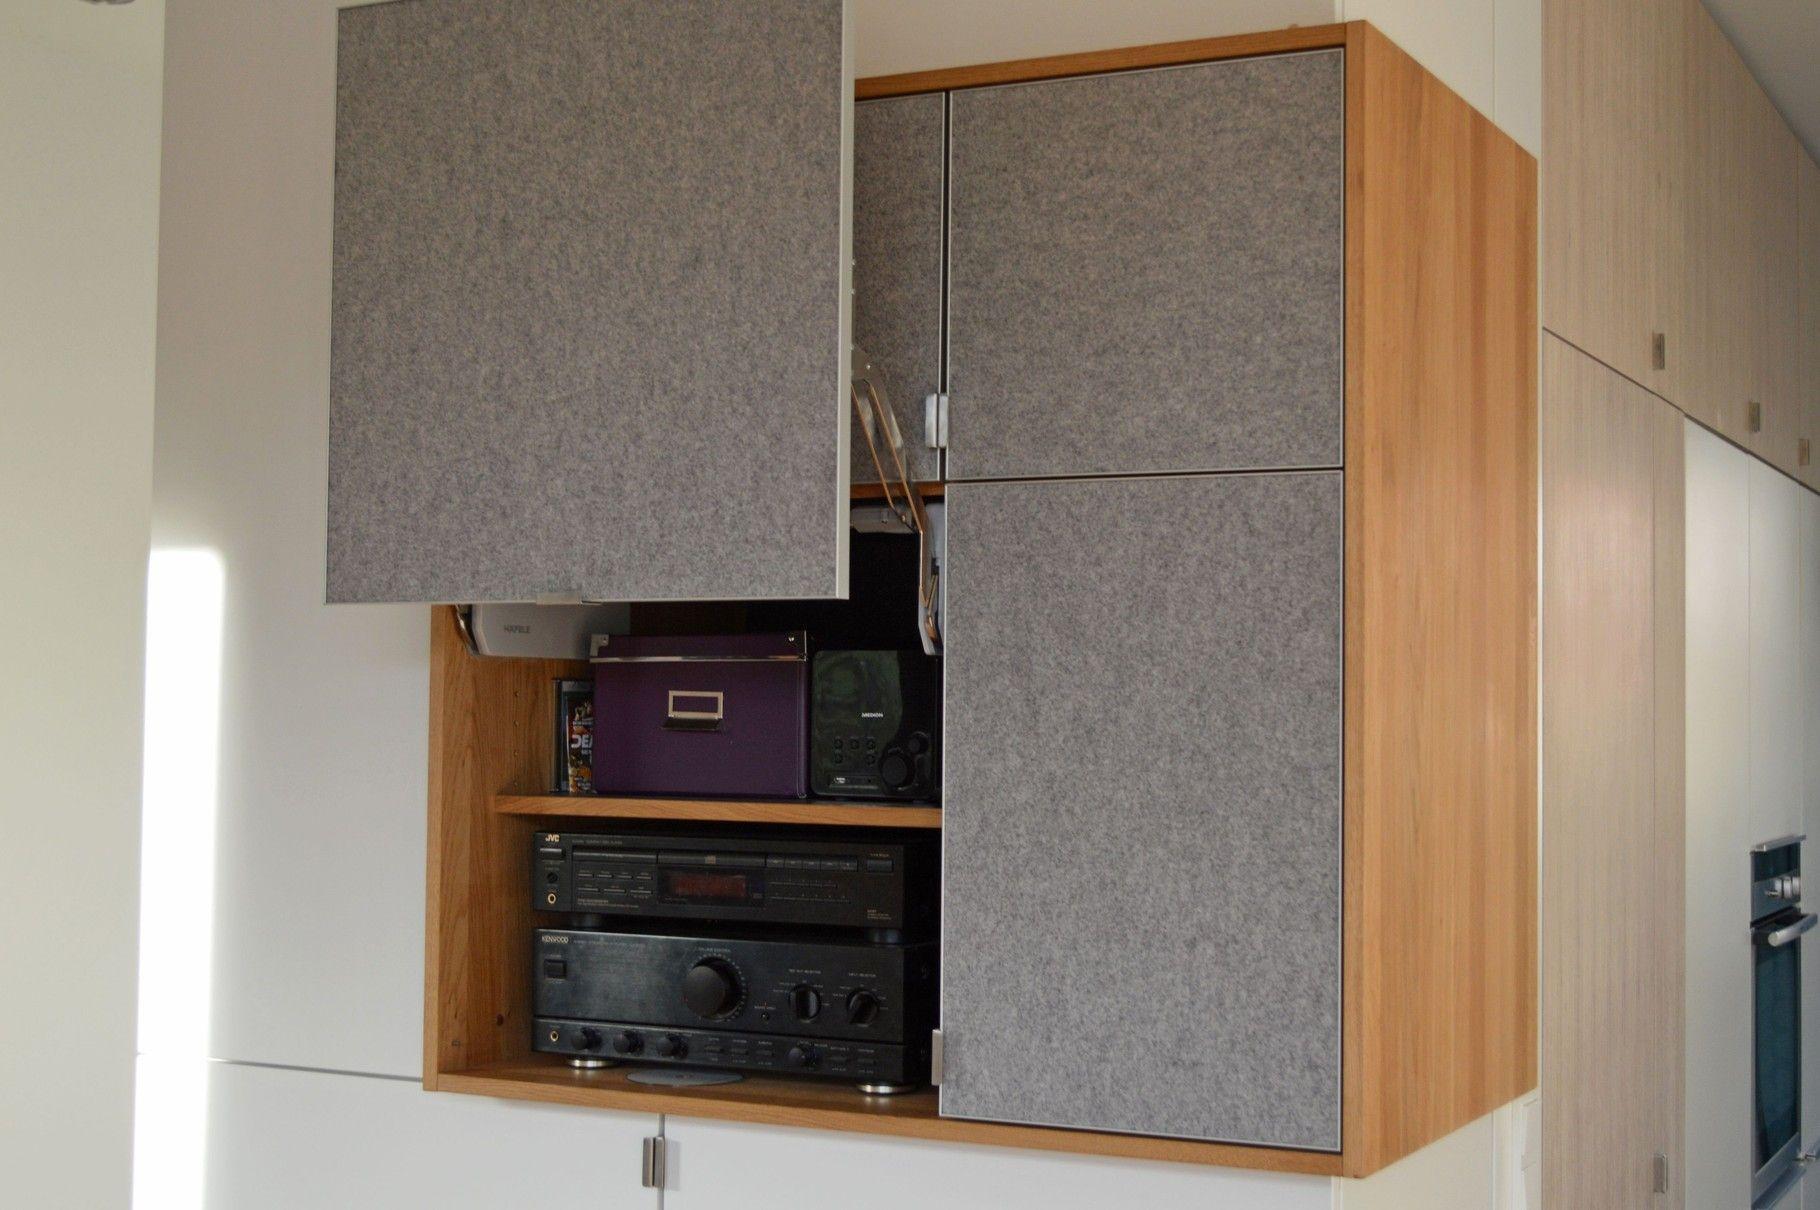 die besten 25 hifi schrank ideen auf pinterest regal f r hifi vinyl plattenregal und hifi. Black Bedroom Furniture Sets. Home Design Ideas